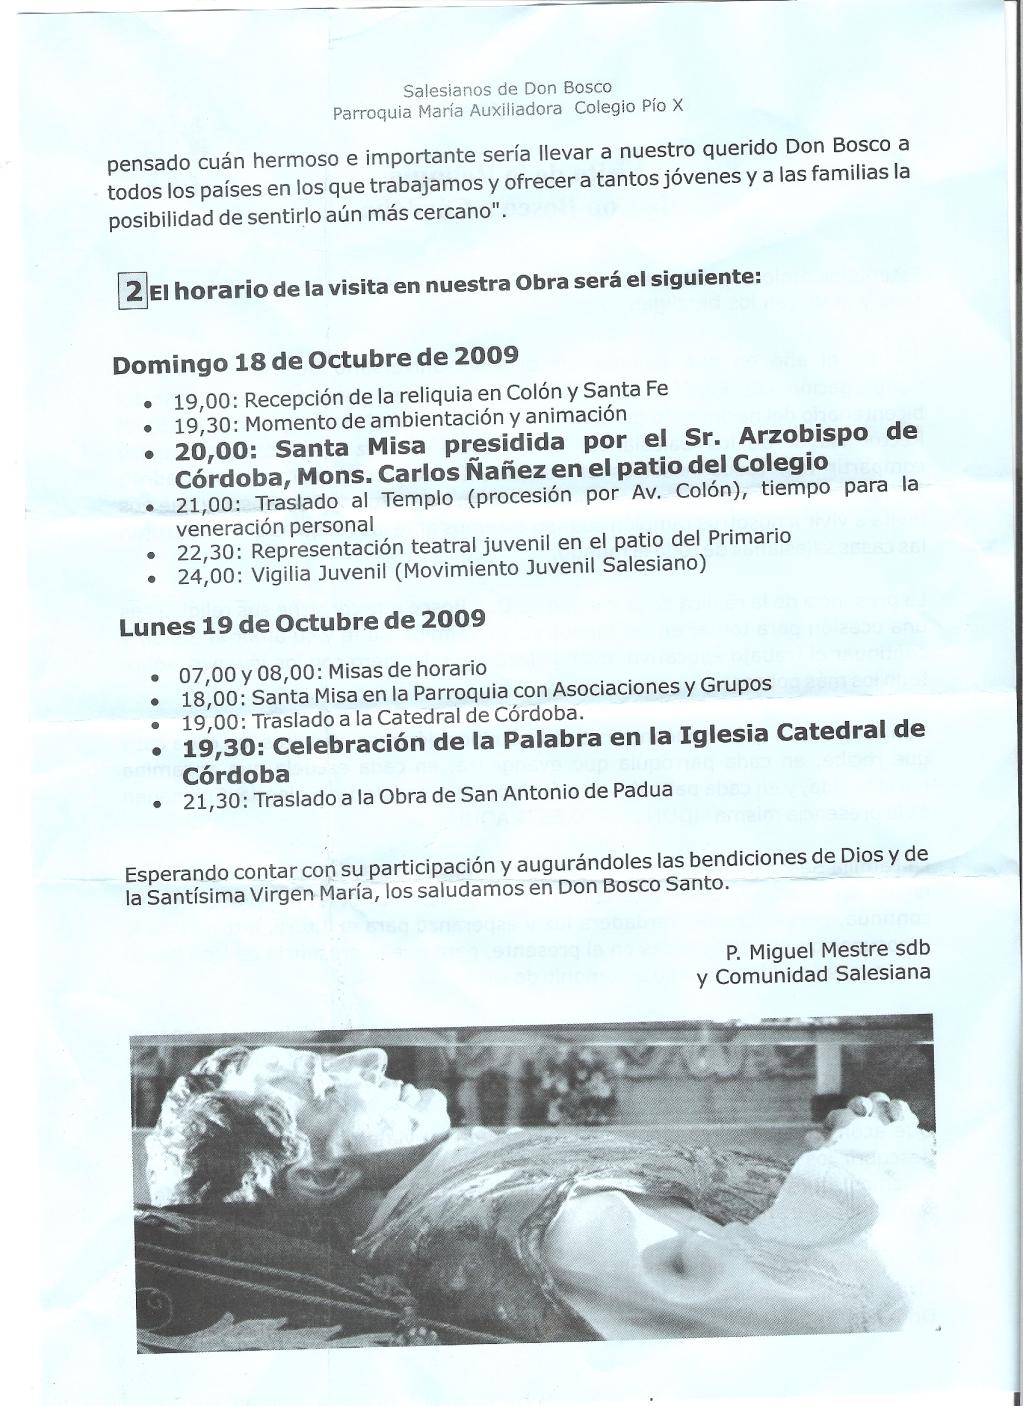 DON BOSCO EN CORDOBA, EN PIO X Y SAN ANTONIO DE PADUA